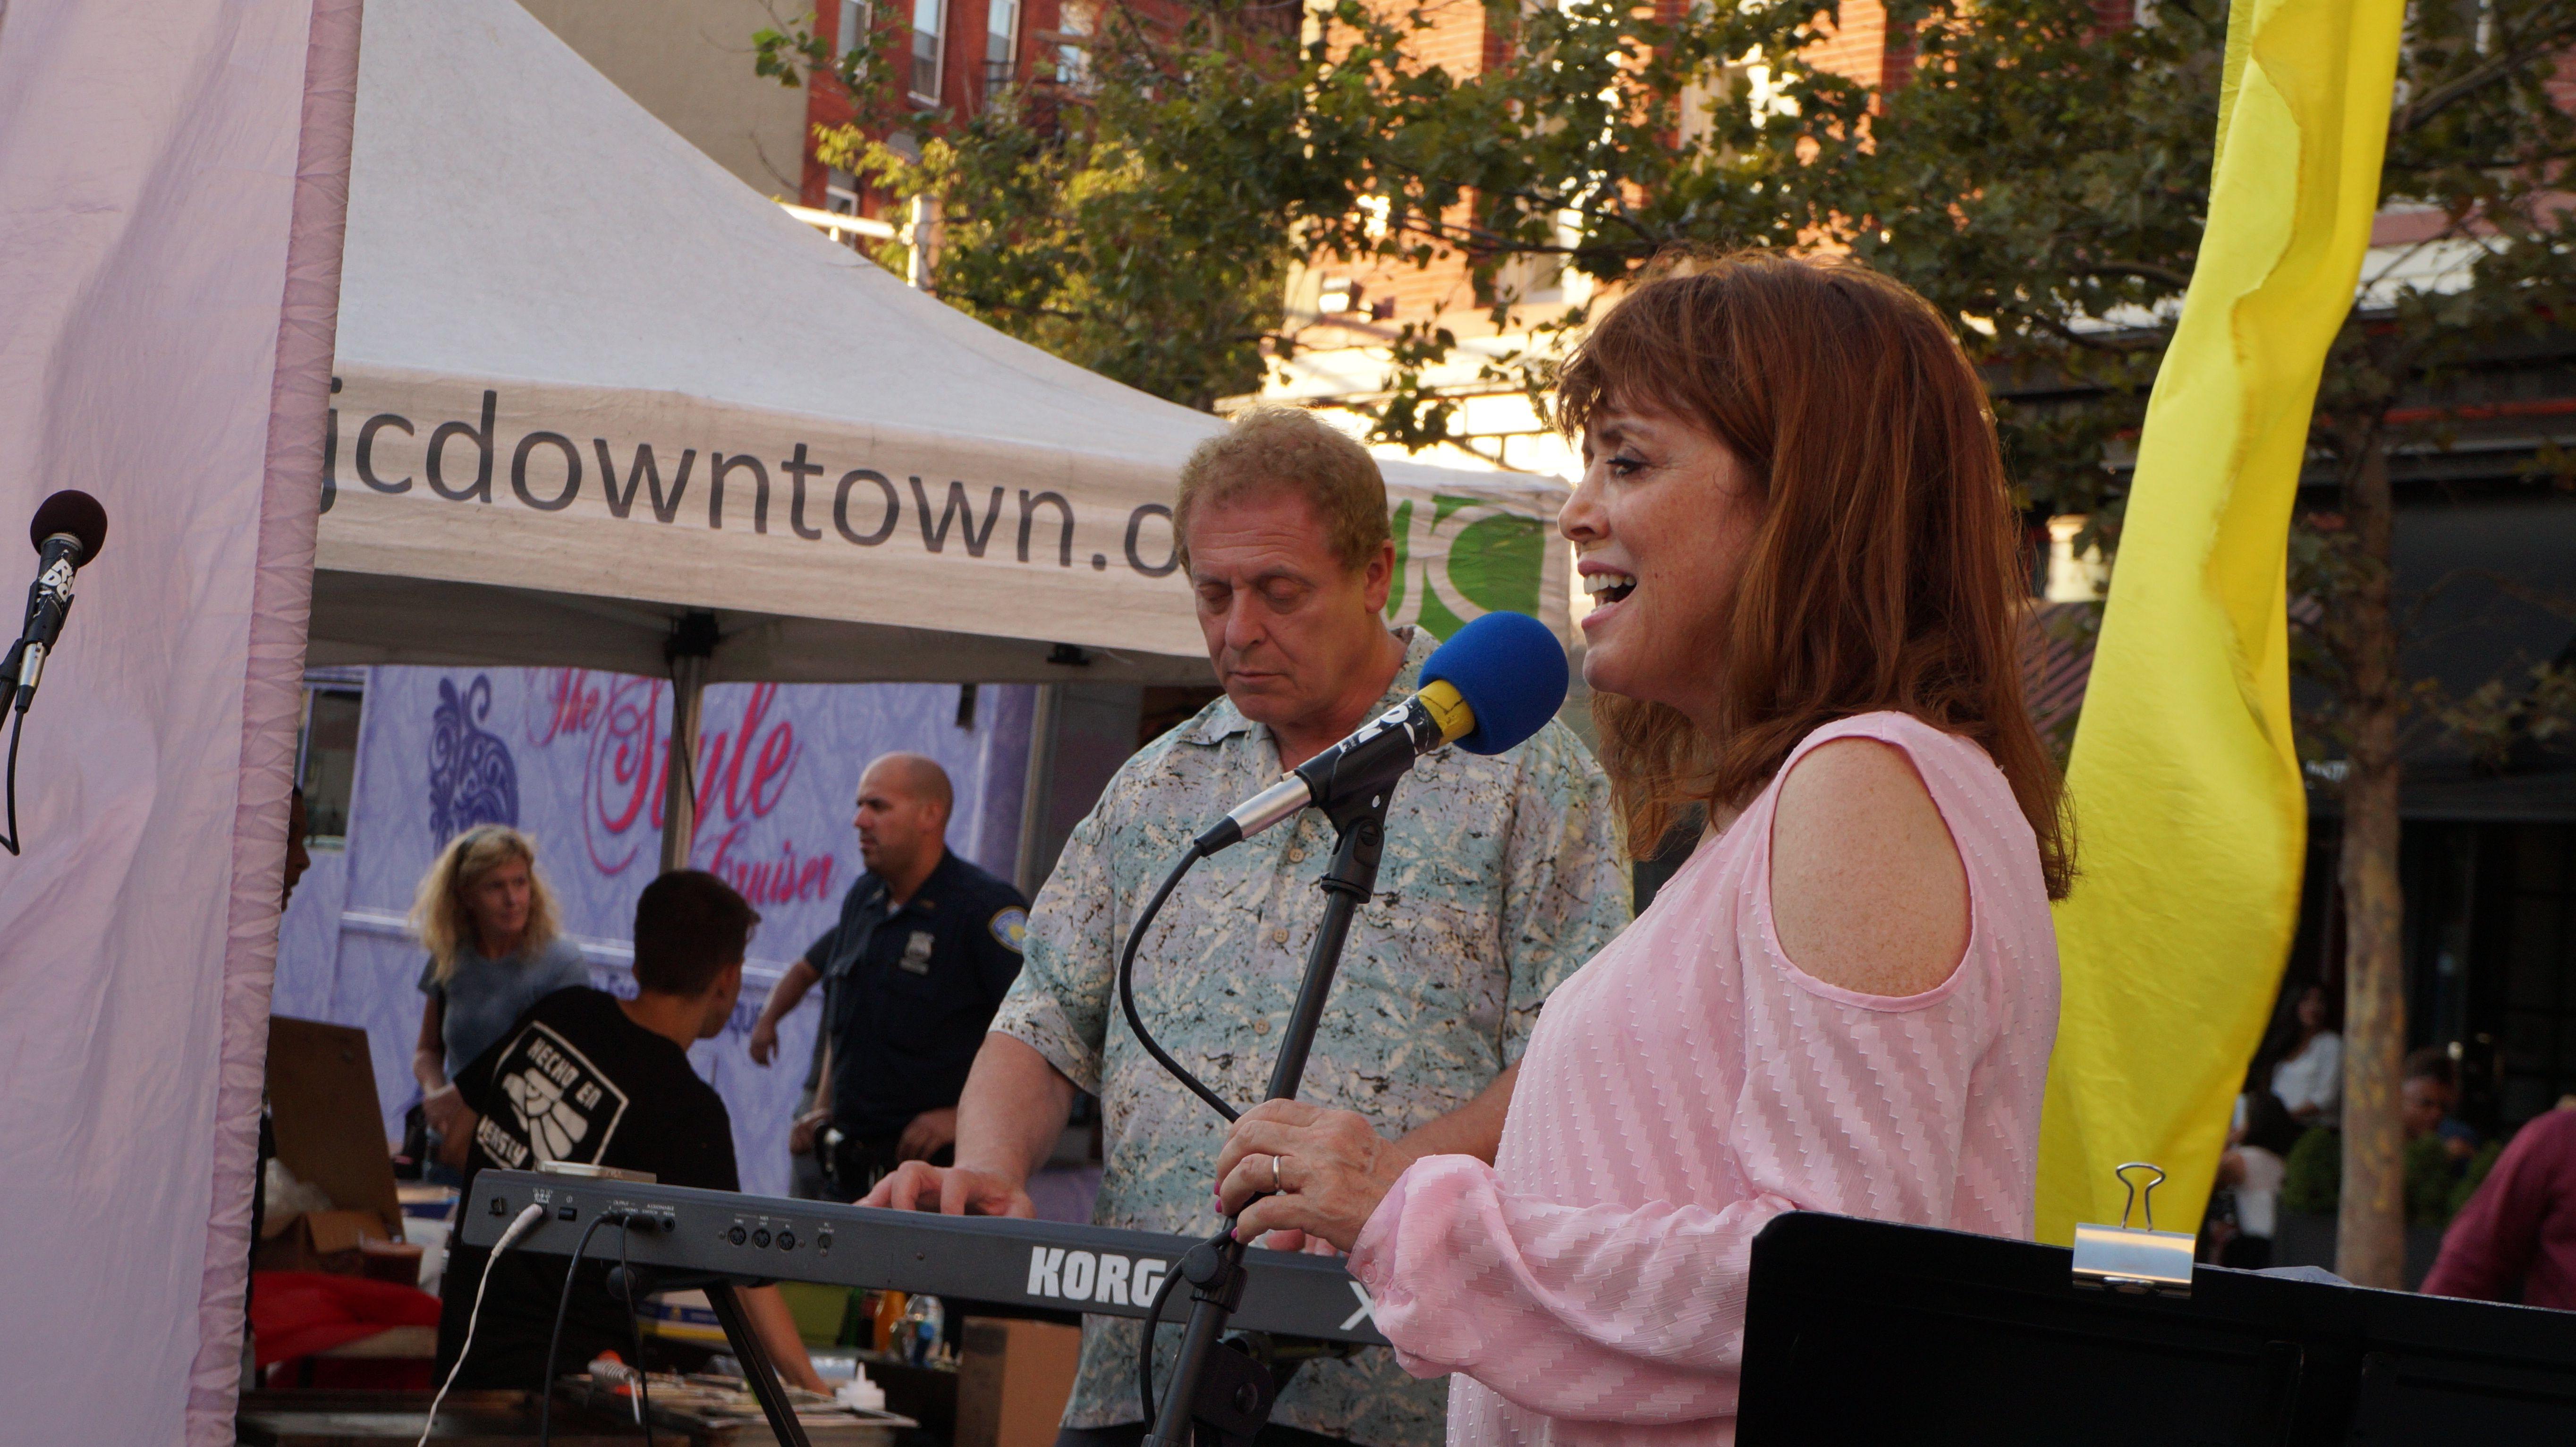 Groove on Grove (Aug. 13, 2014)